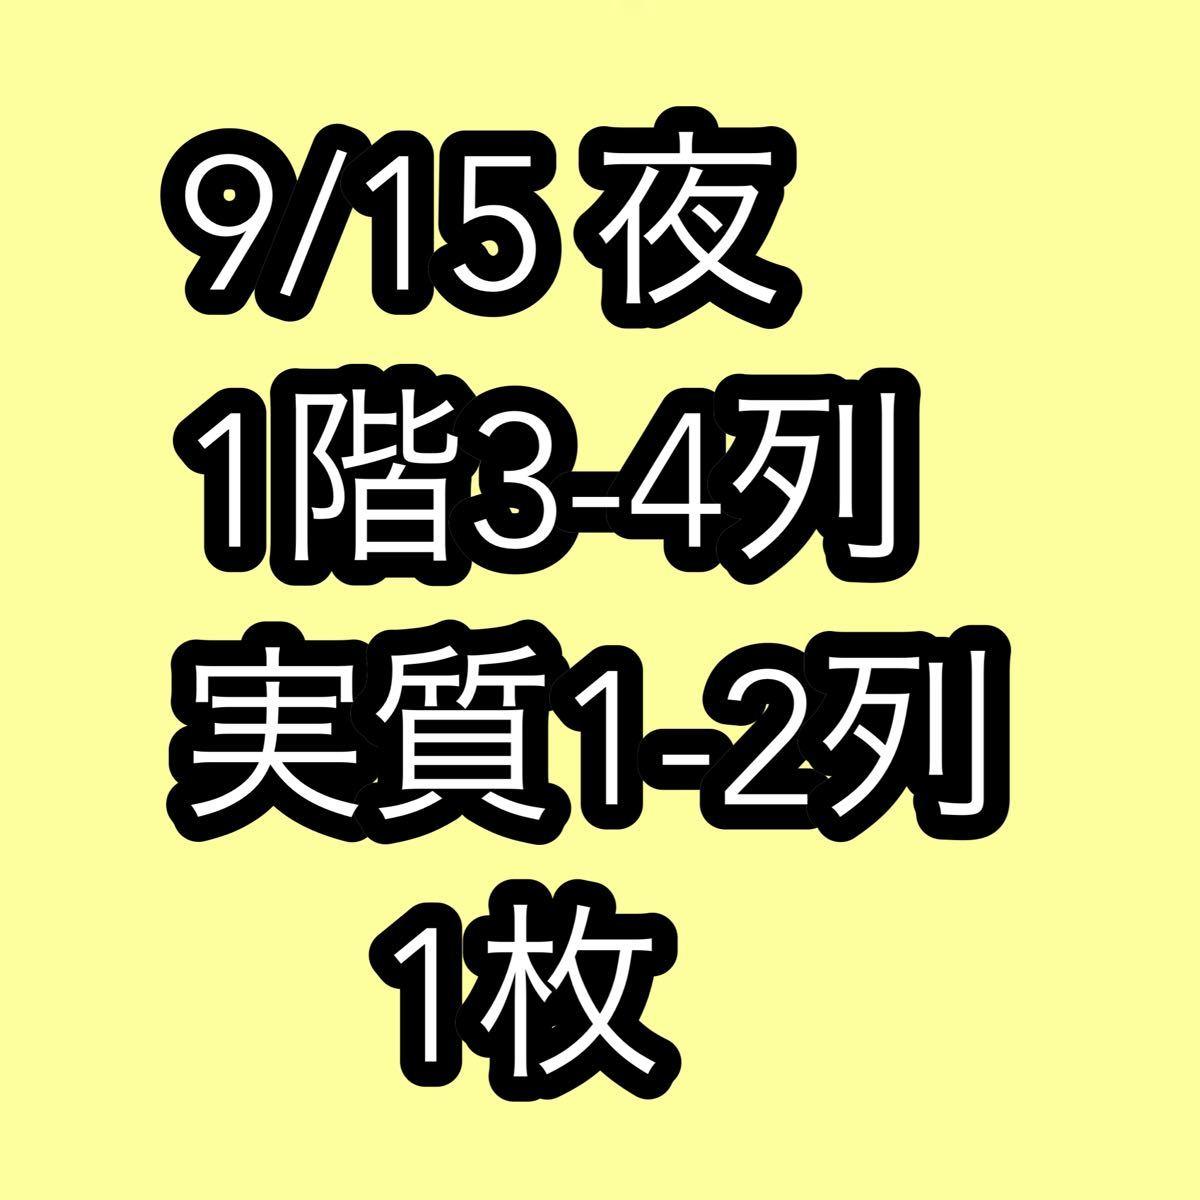 1階3-4列 9/15 夜公演 SKE48 リクエストアワーセットリストベスト100 2018 1枚 名古屋国際会議場センチュリーホール